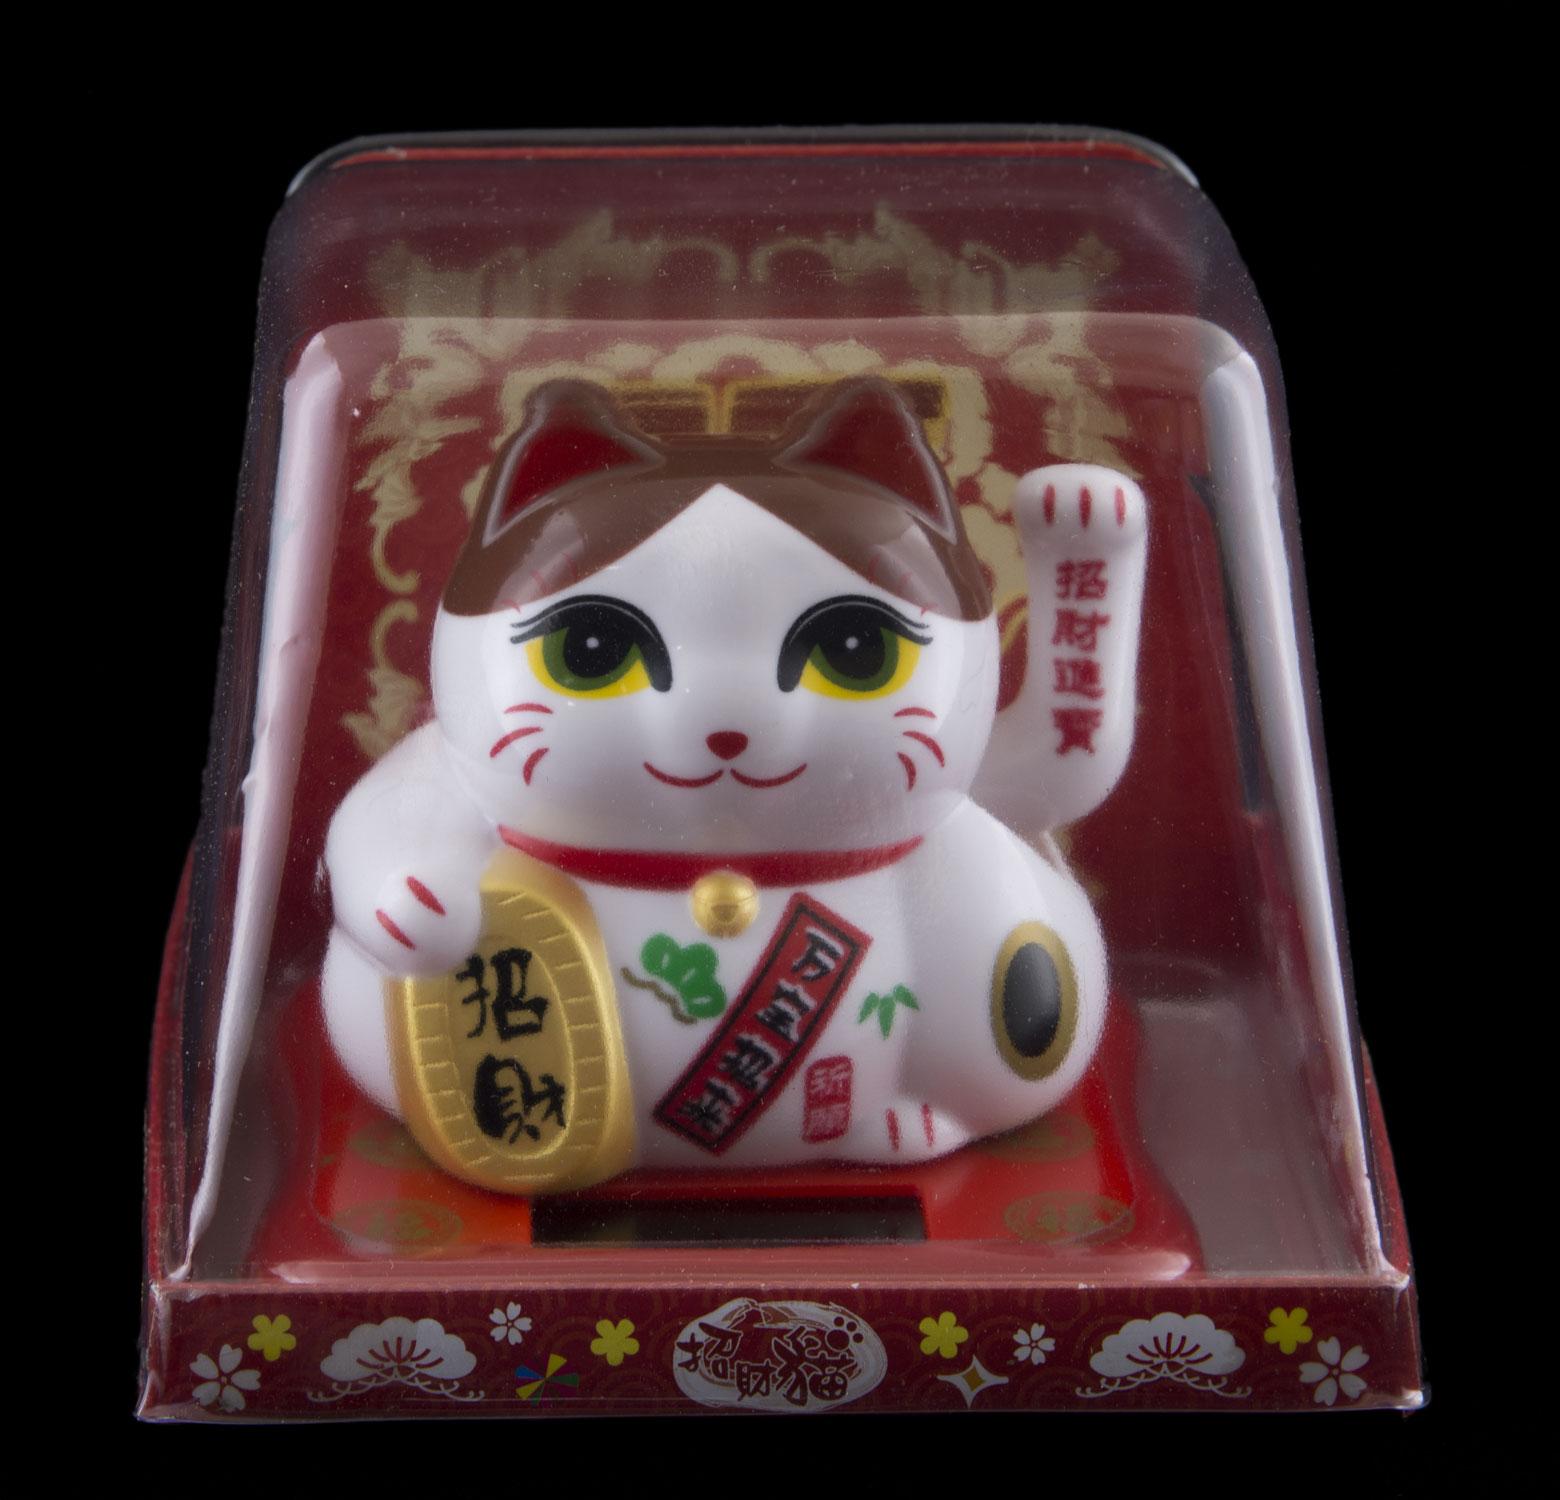 Enorme Chat Japonais 45 cm Porte Bonheur Doré Prosperite Maneki Neko  40633